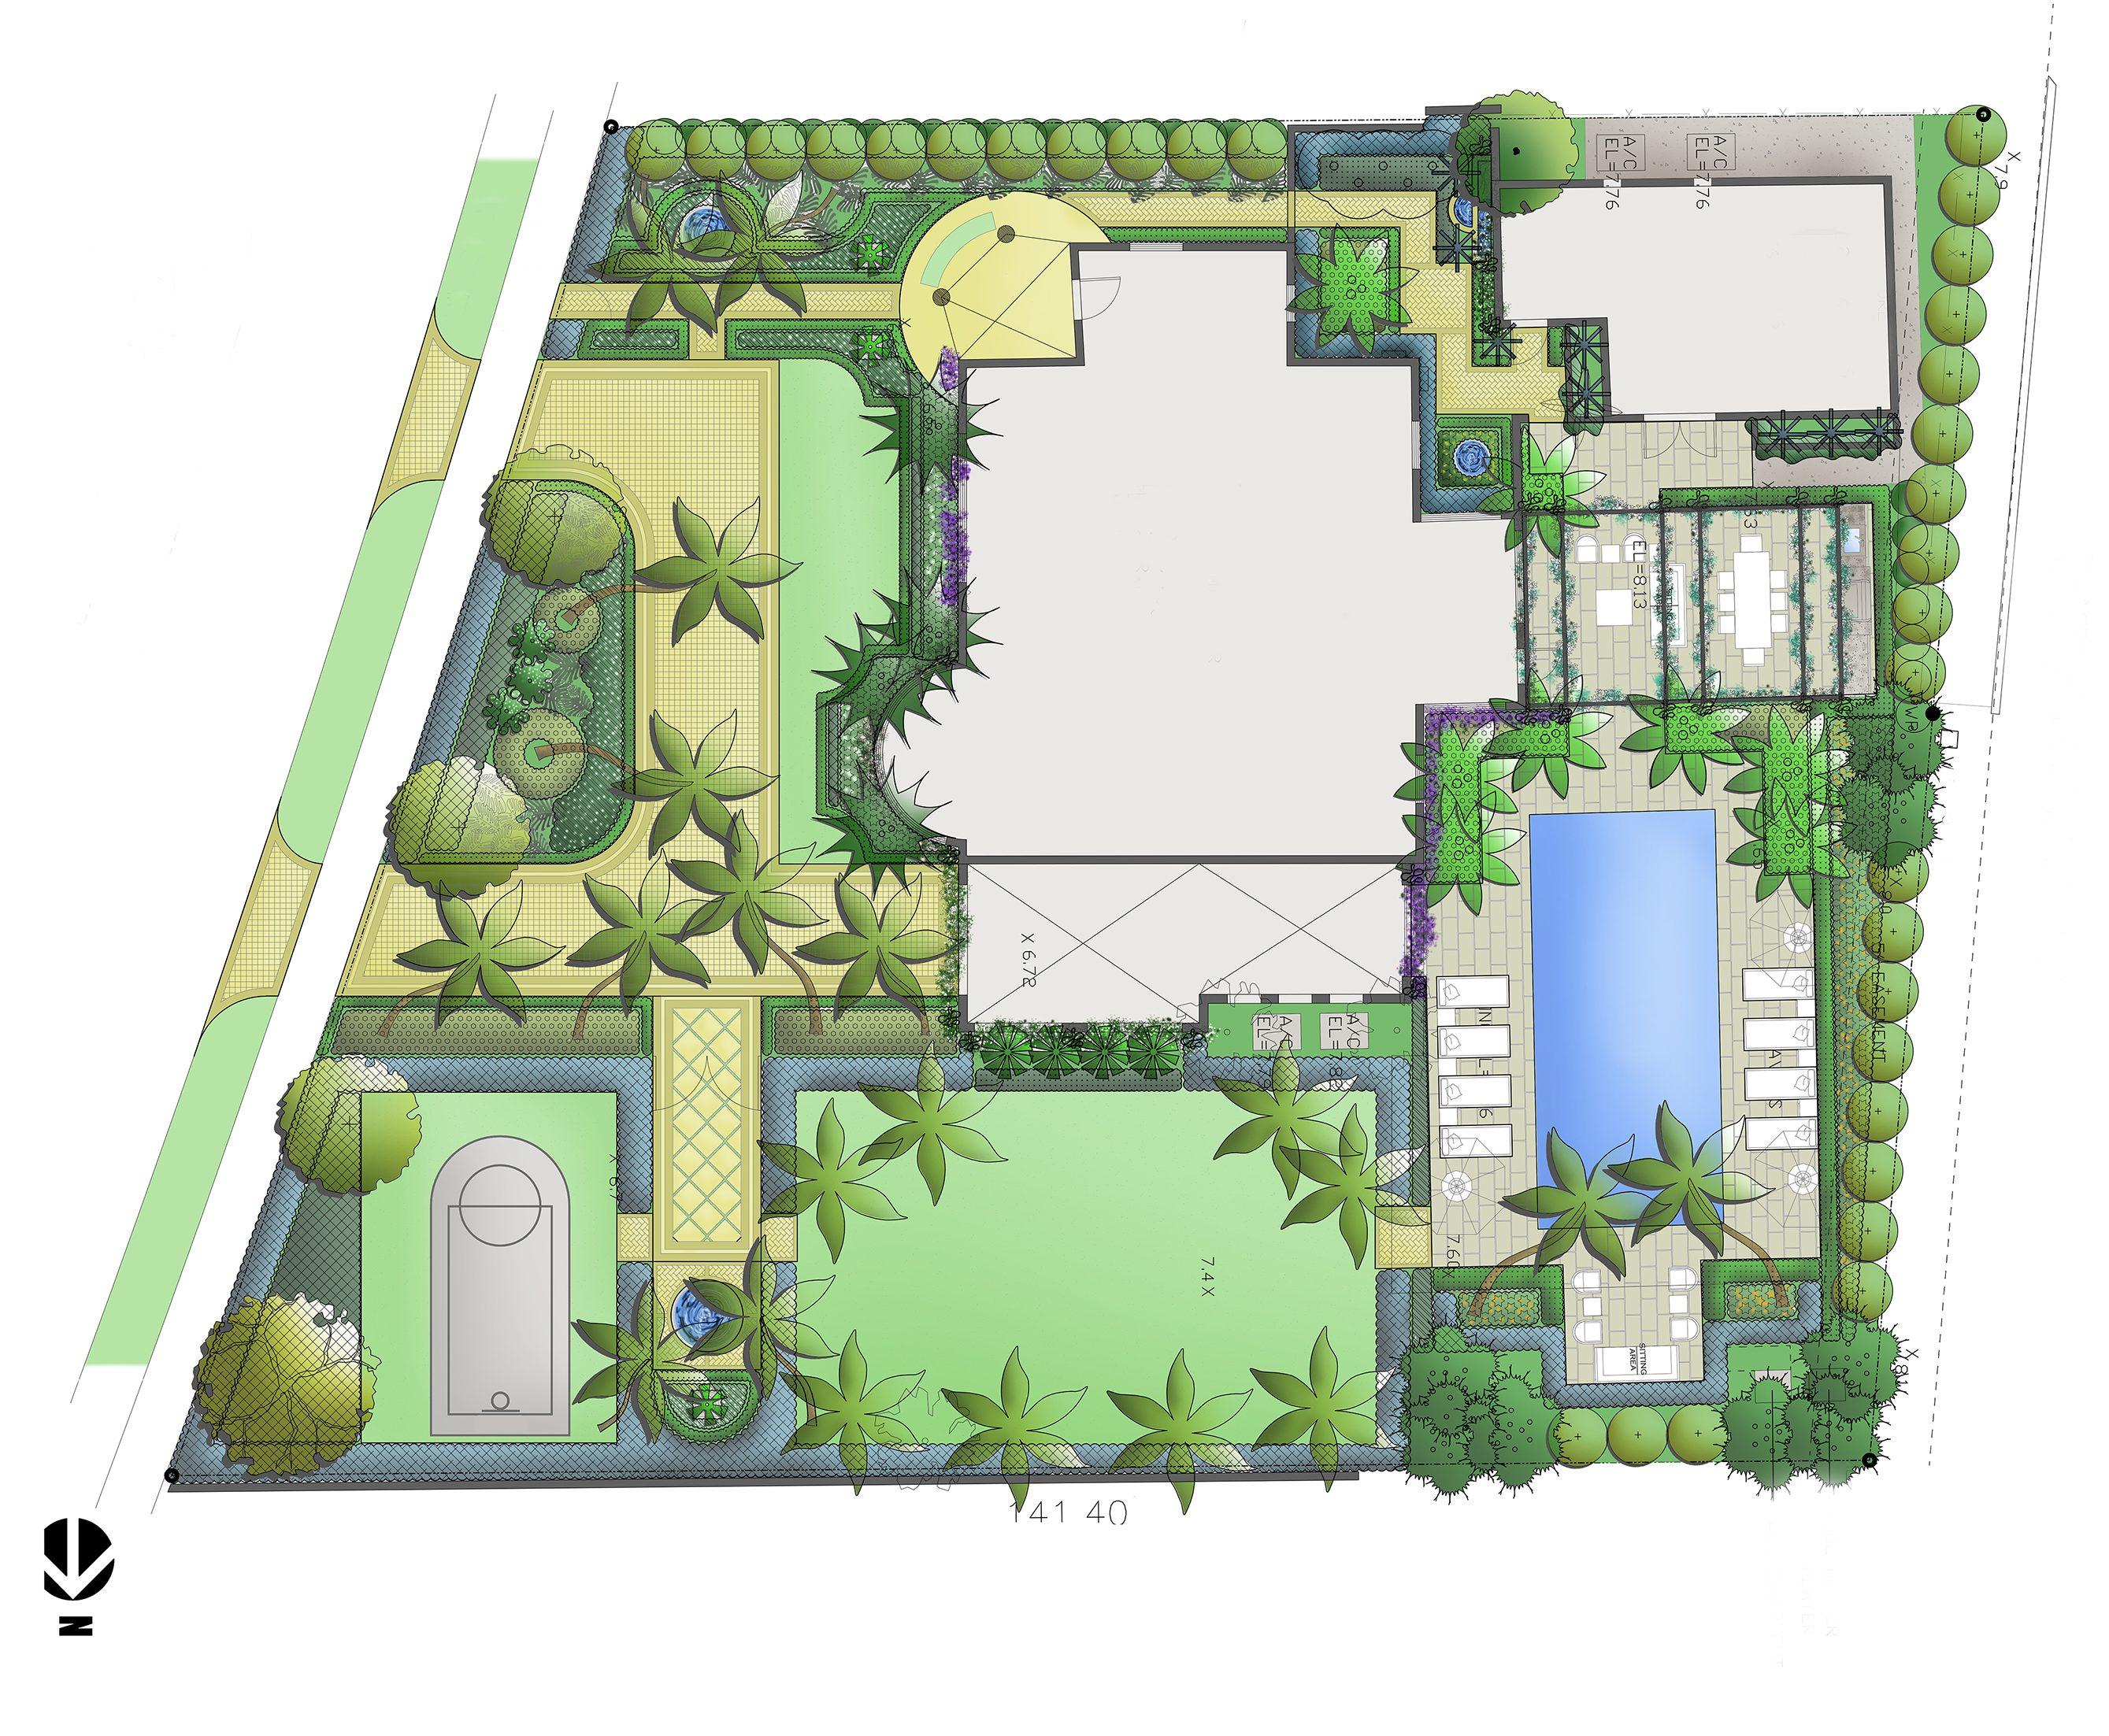 Sublimes Paysages est un bureau d'études qui prend en charge vos projets de conception et de réalisation d'espaces paysagers dans les Alpes Maritimes et Var. Exemple de plan masse